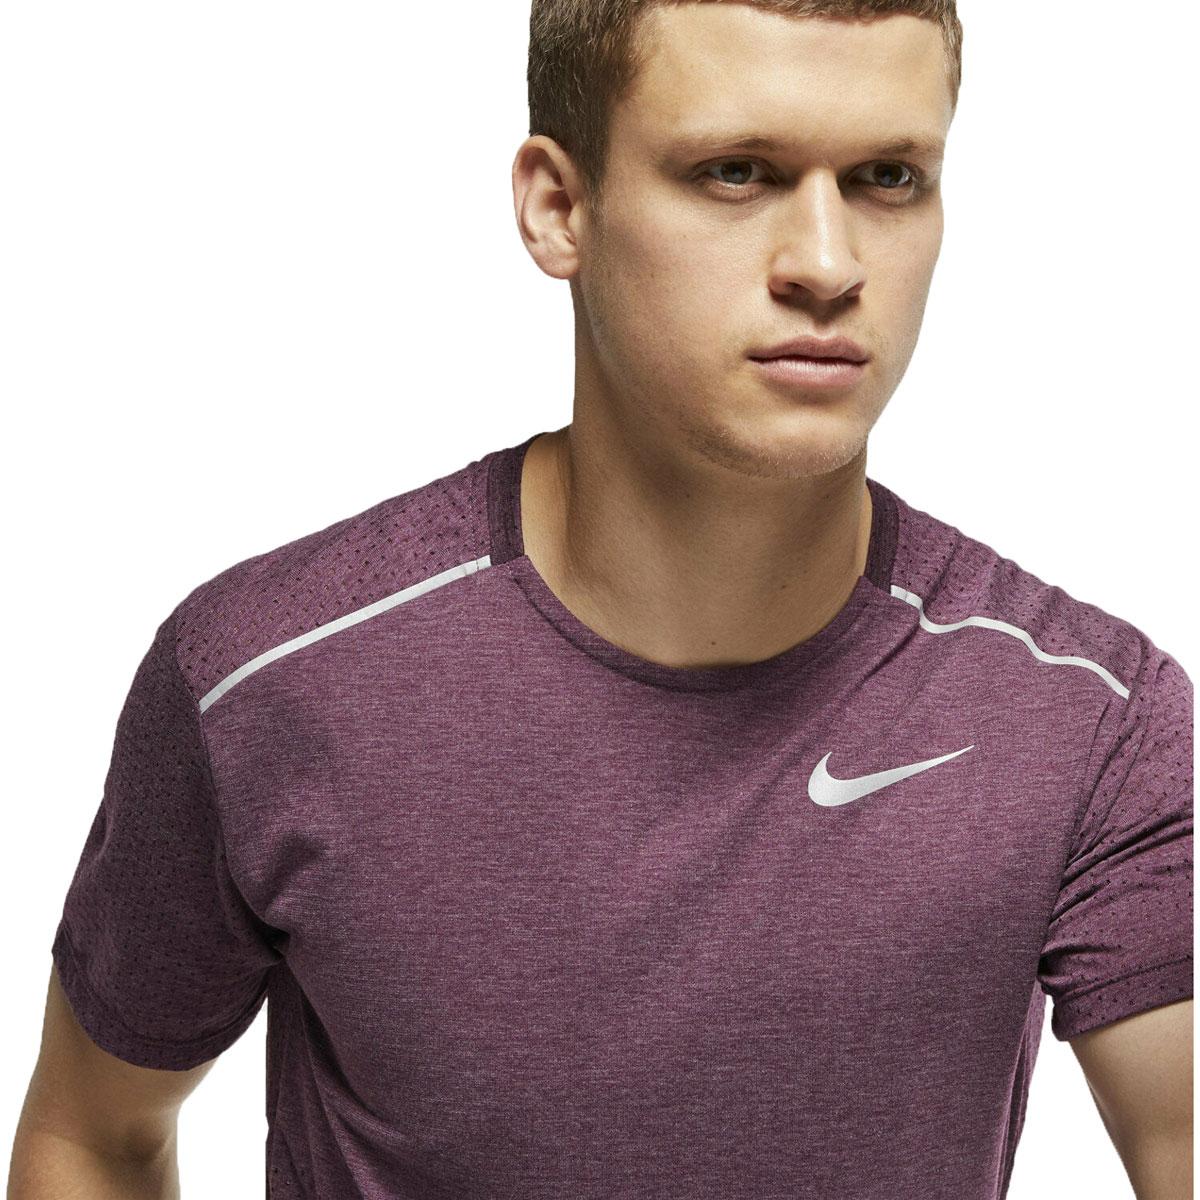 Men's Nike Breathe Rise 365 Short Sleeve  - Color: Bordeaux/Heather - Size: M, Bordeaux/Heather, large, image 3